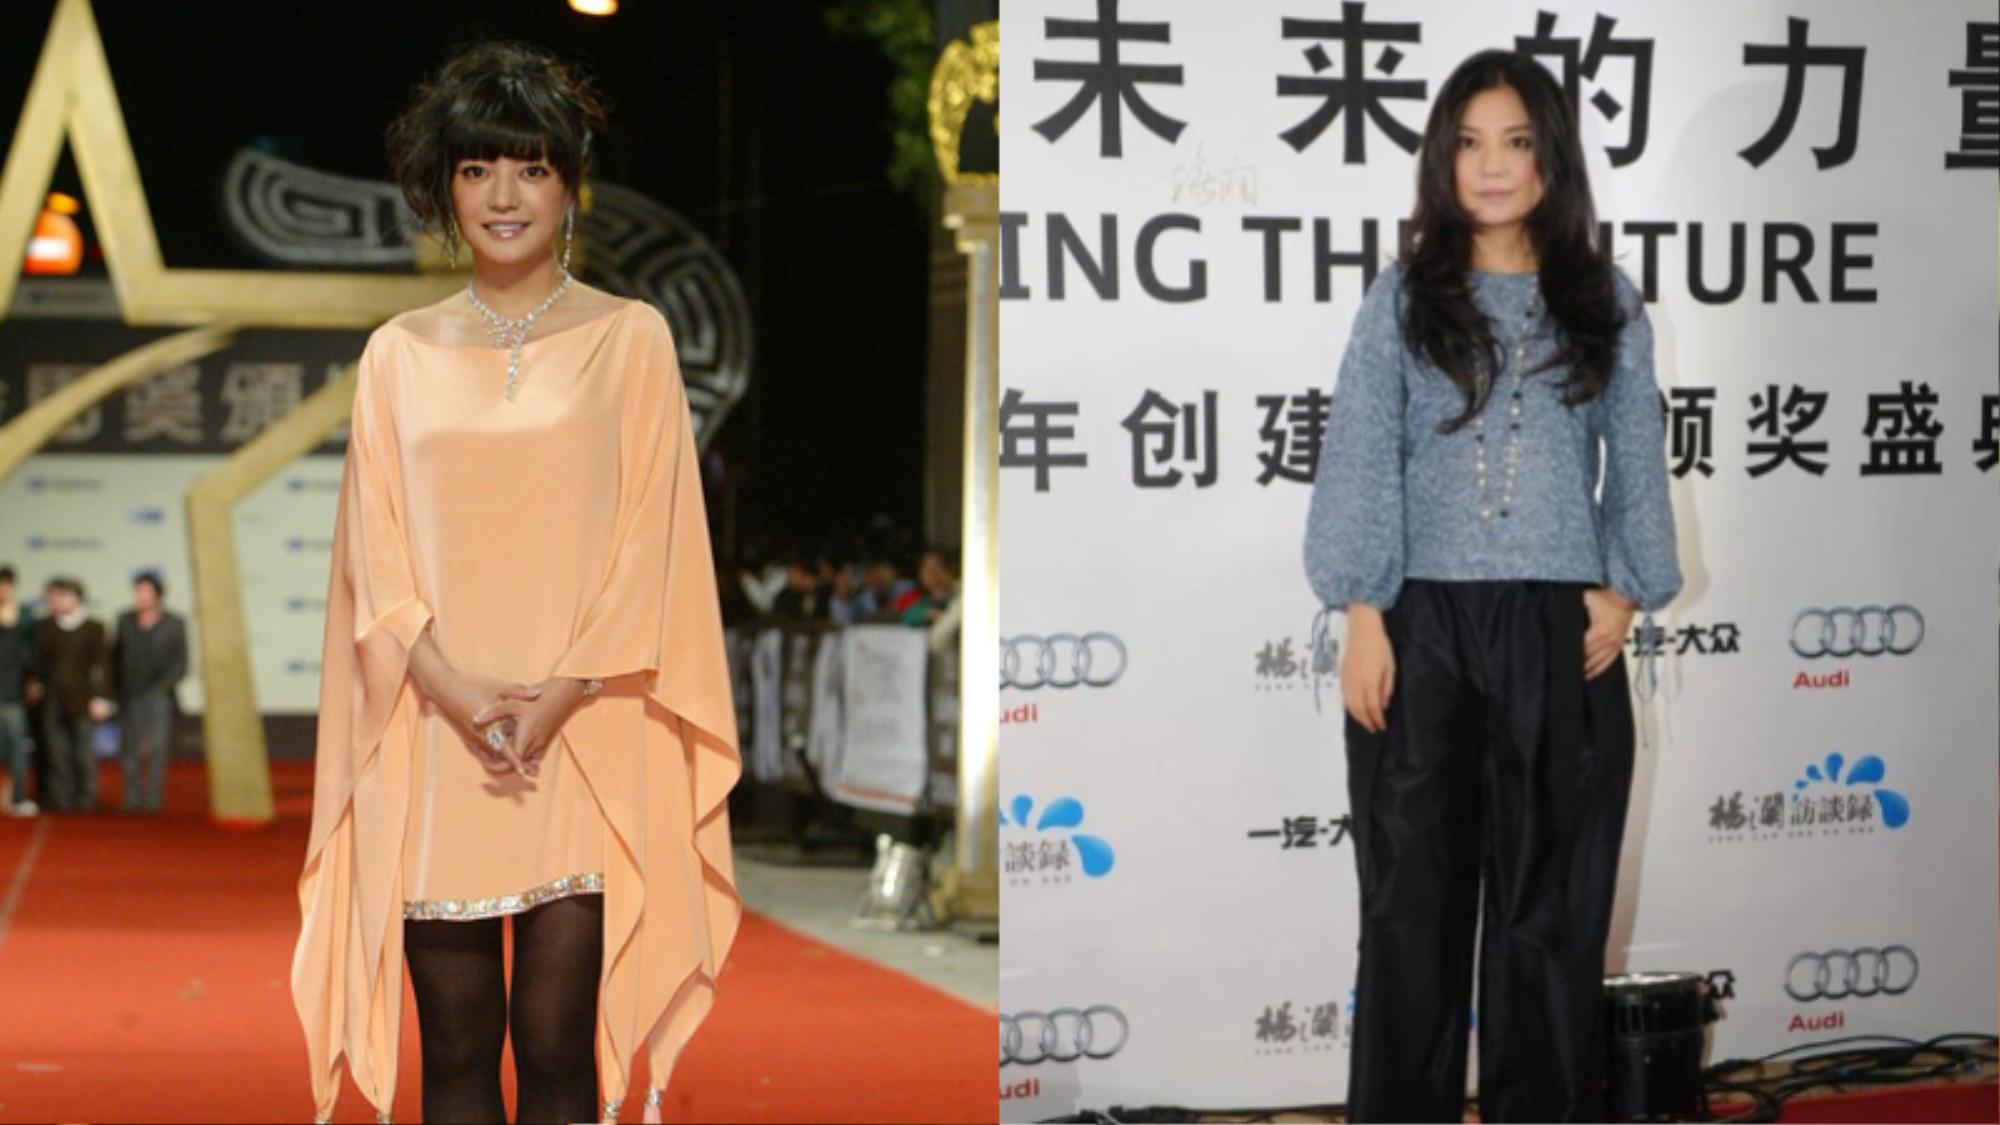 Con đường thời trang 'chông gai' của hai mỹ nhân bị phong sát Triệu Vy & Trịnh Sảng Ảnh 3